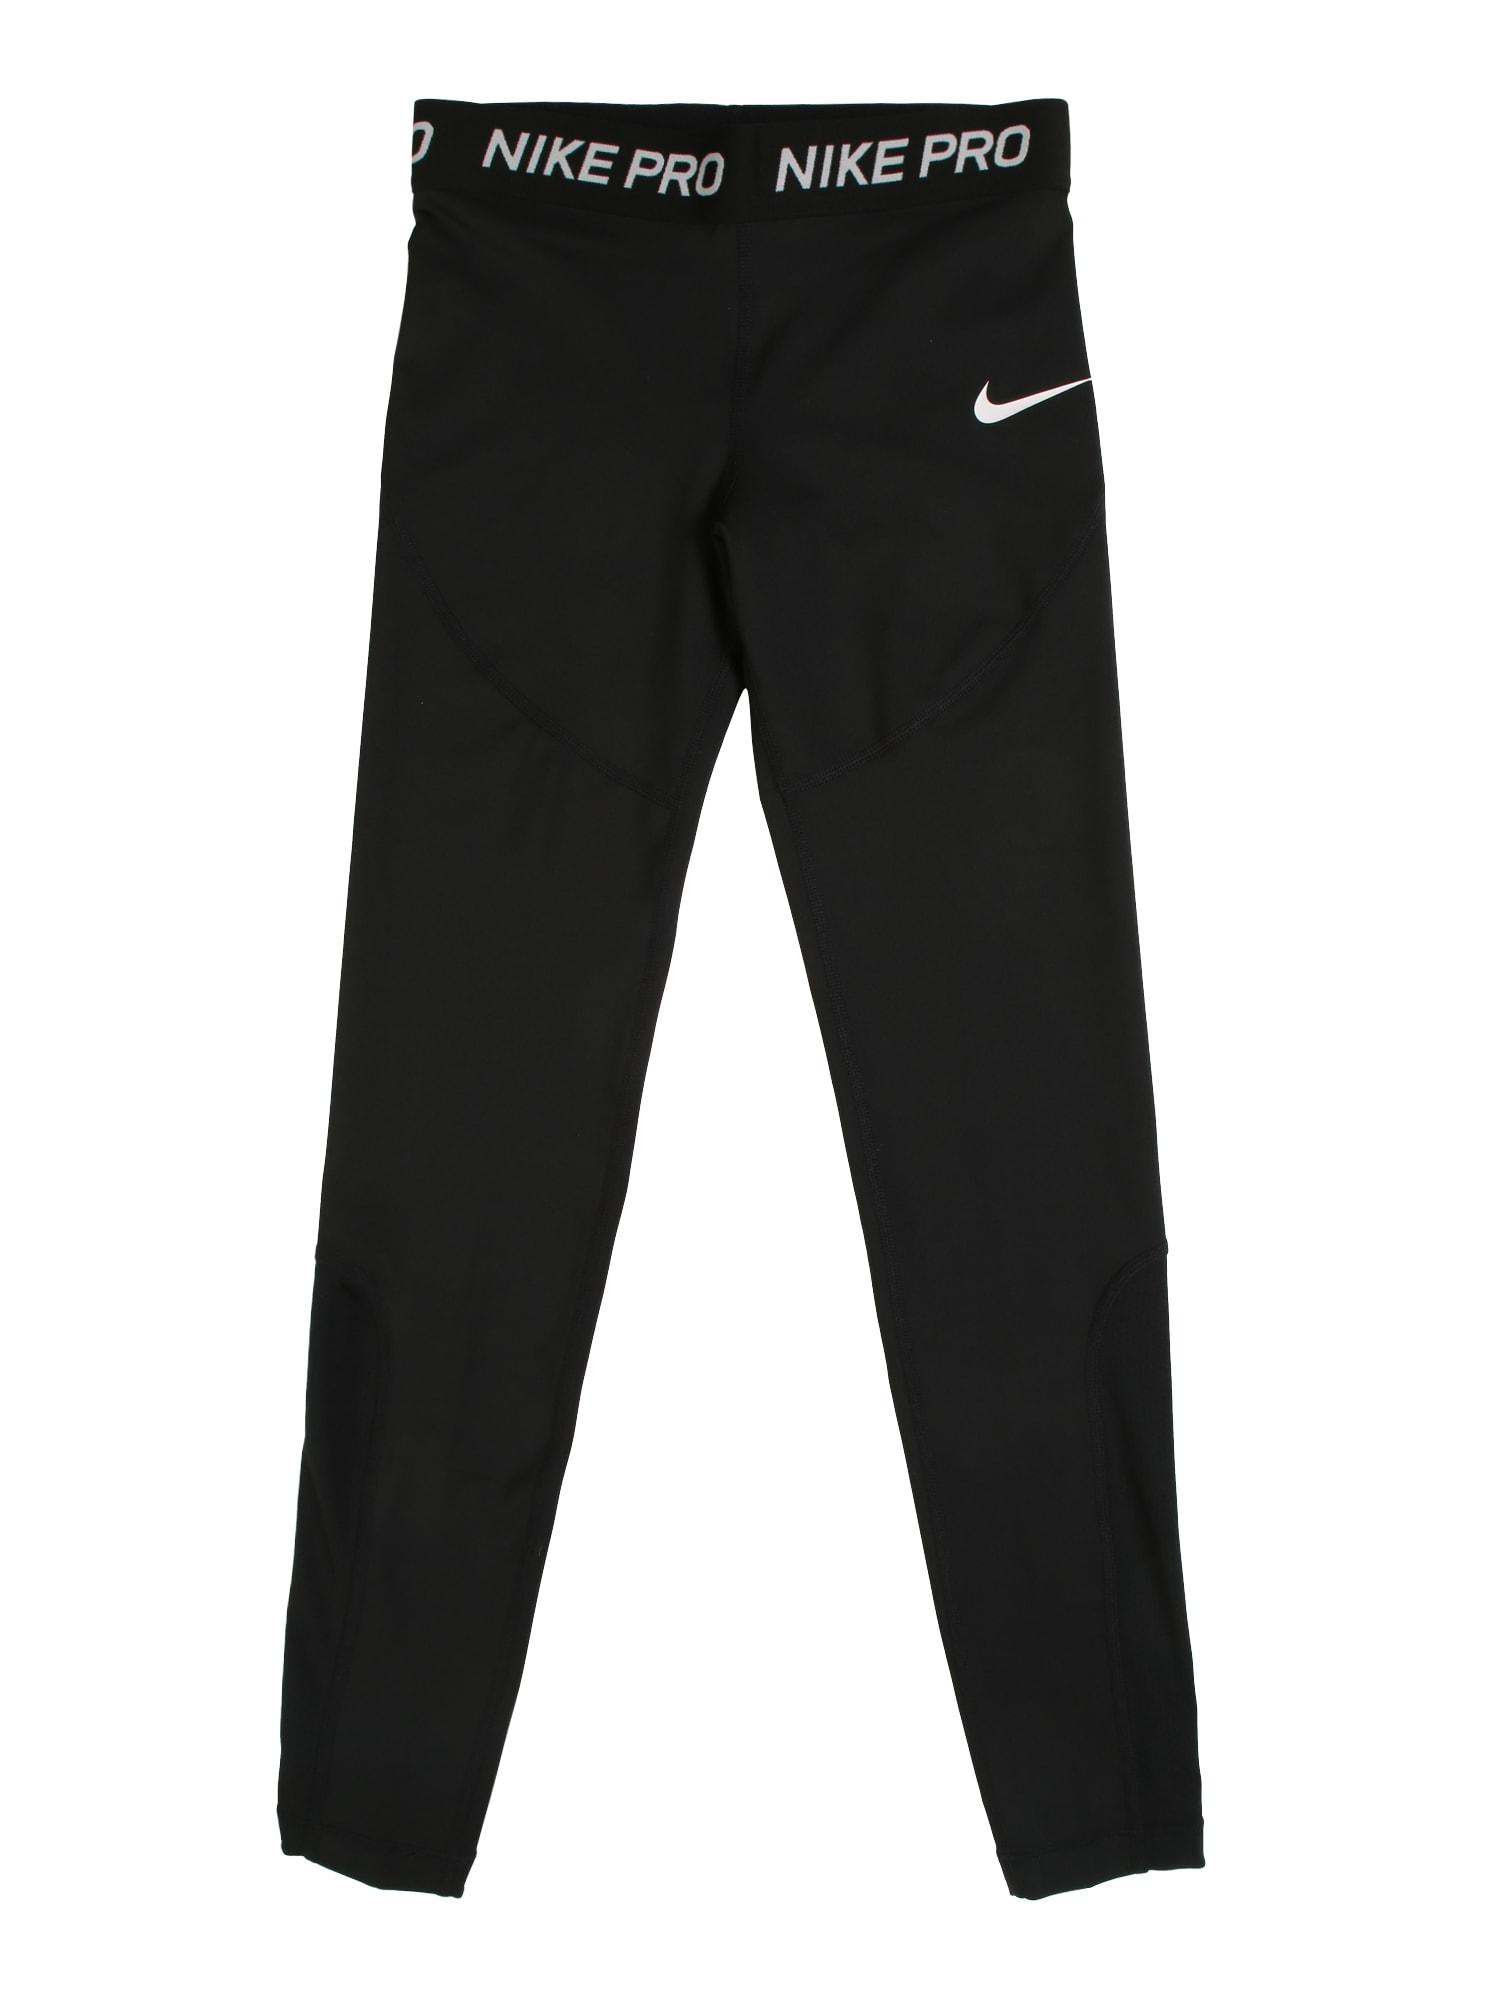 Sportovní kalhoty G NP TGHT černá bílá NIKE